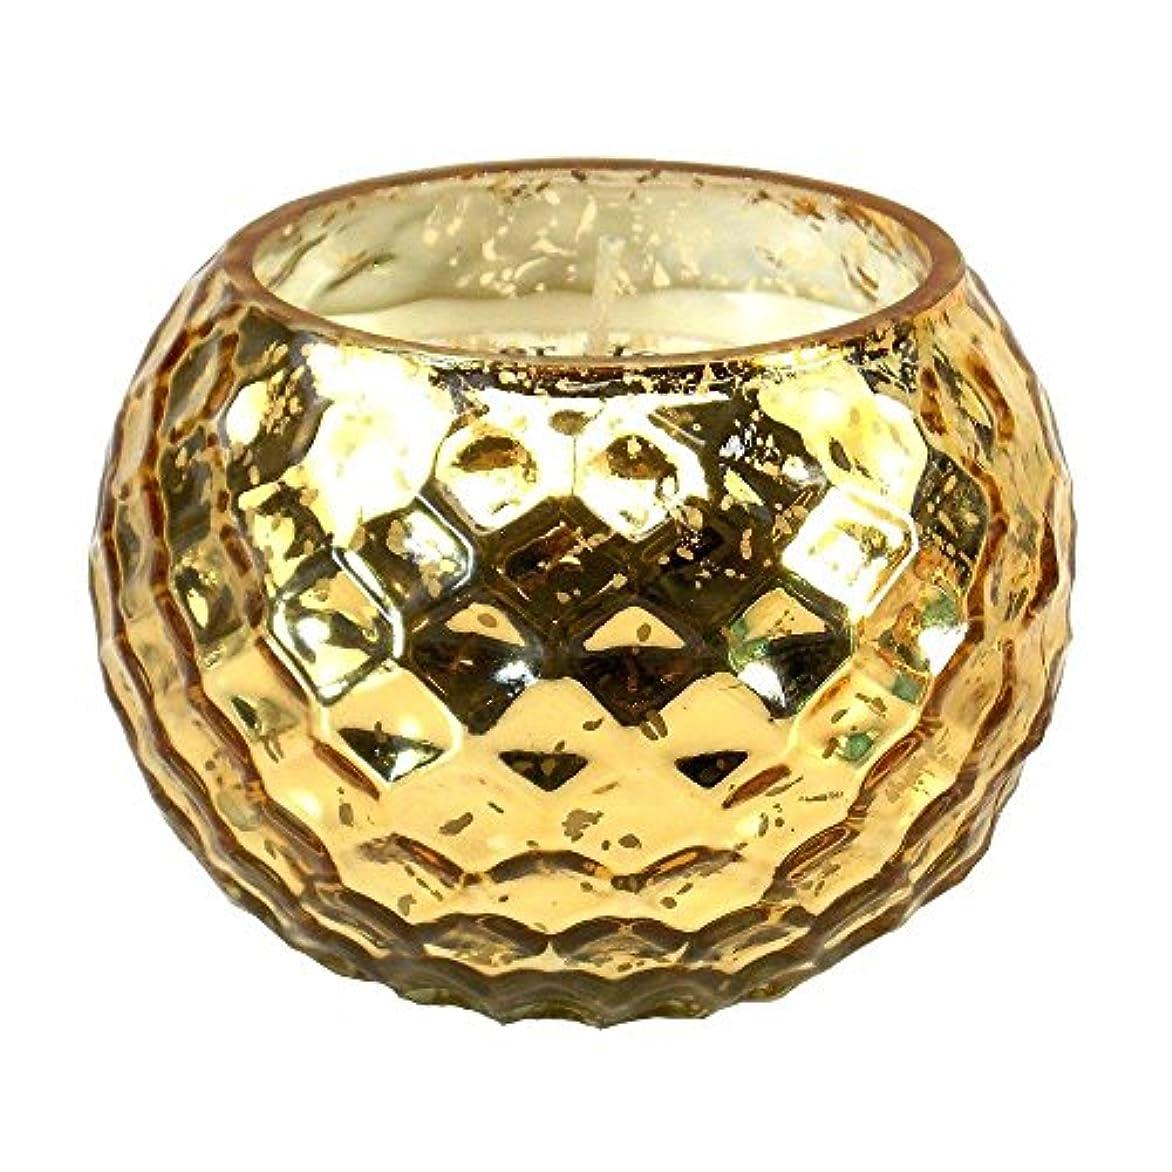 彼の間違っているアッパーScented Candleバニラ、誕生日Golden Honeycomb香り大豆Scented Candleワックス